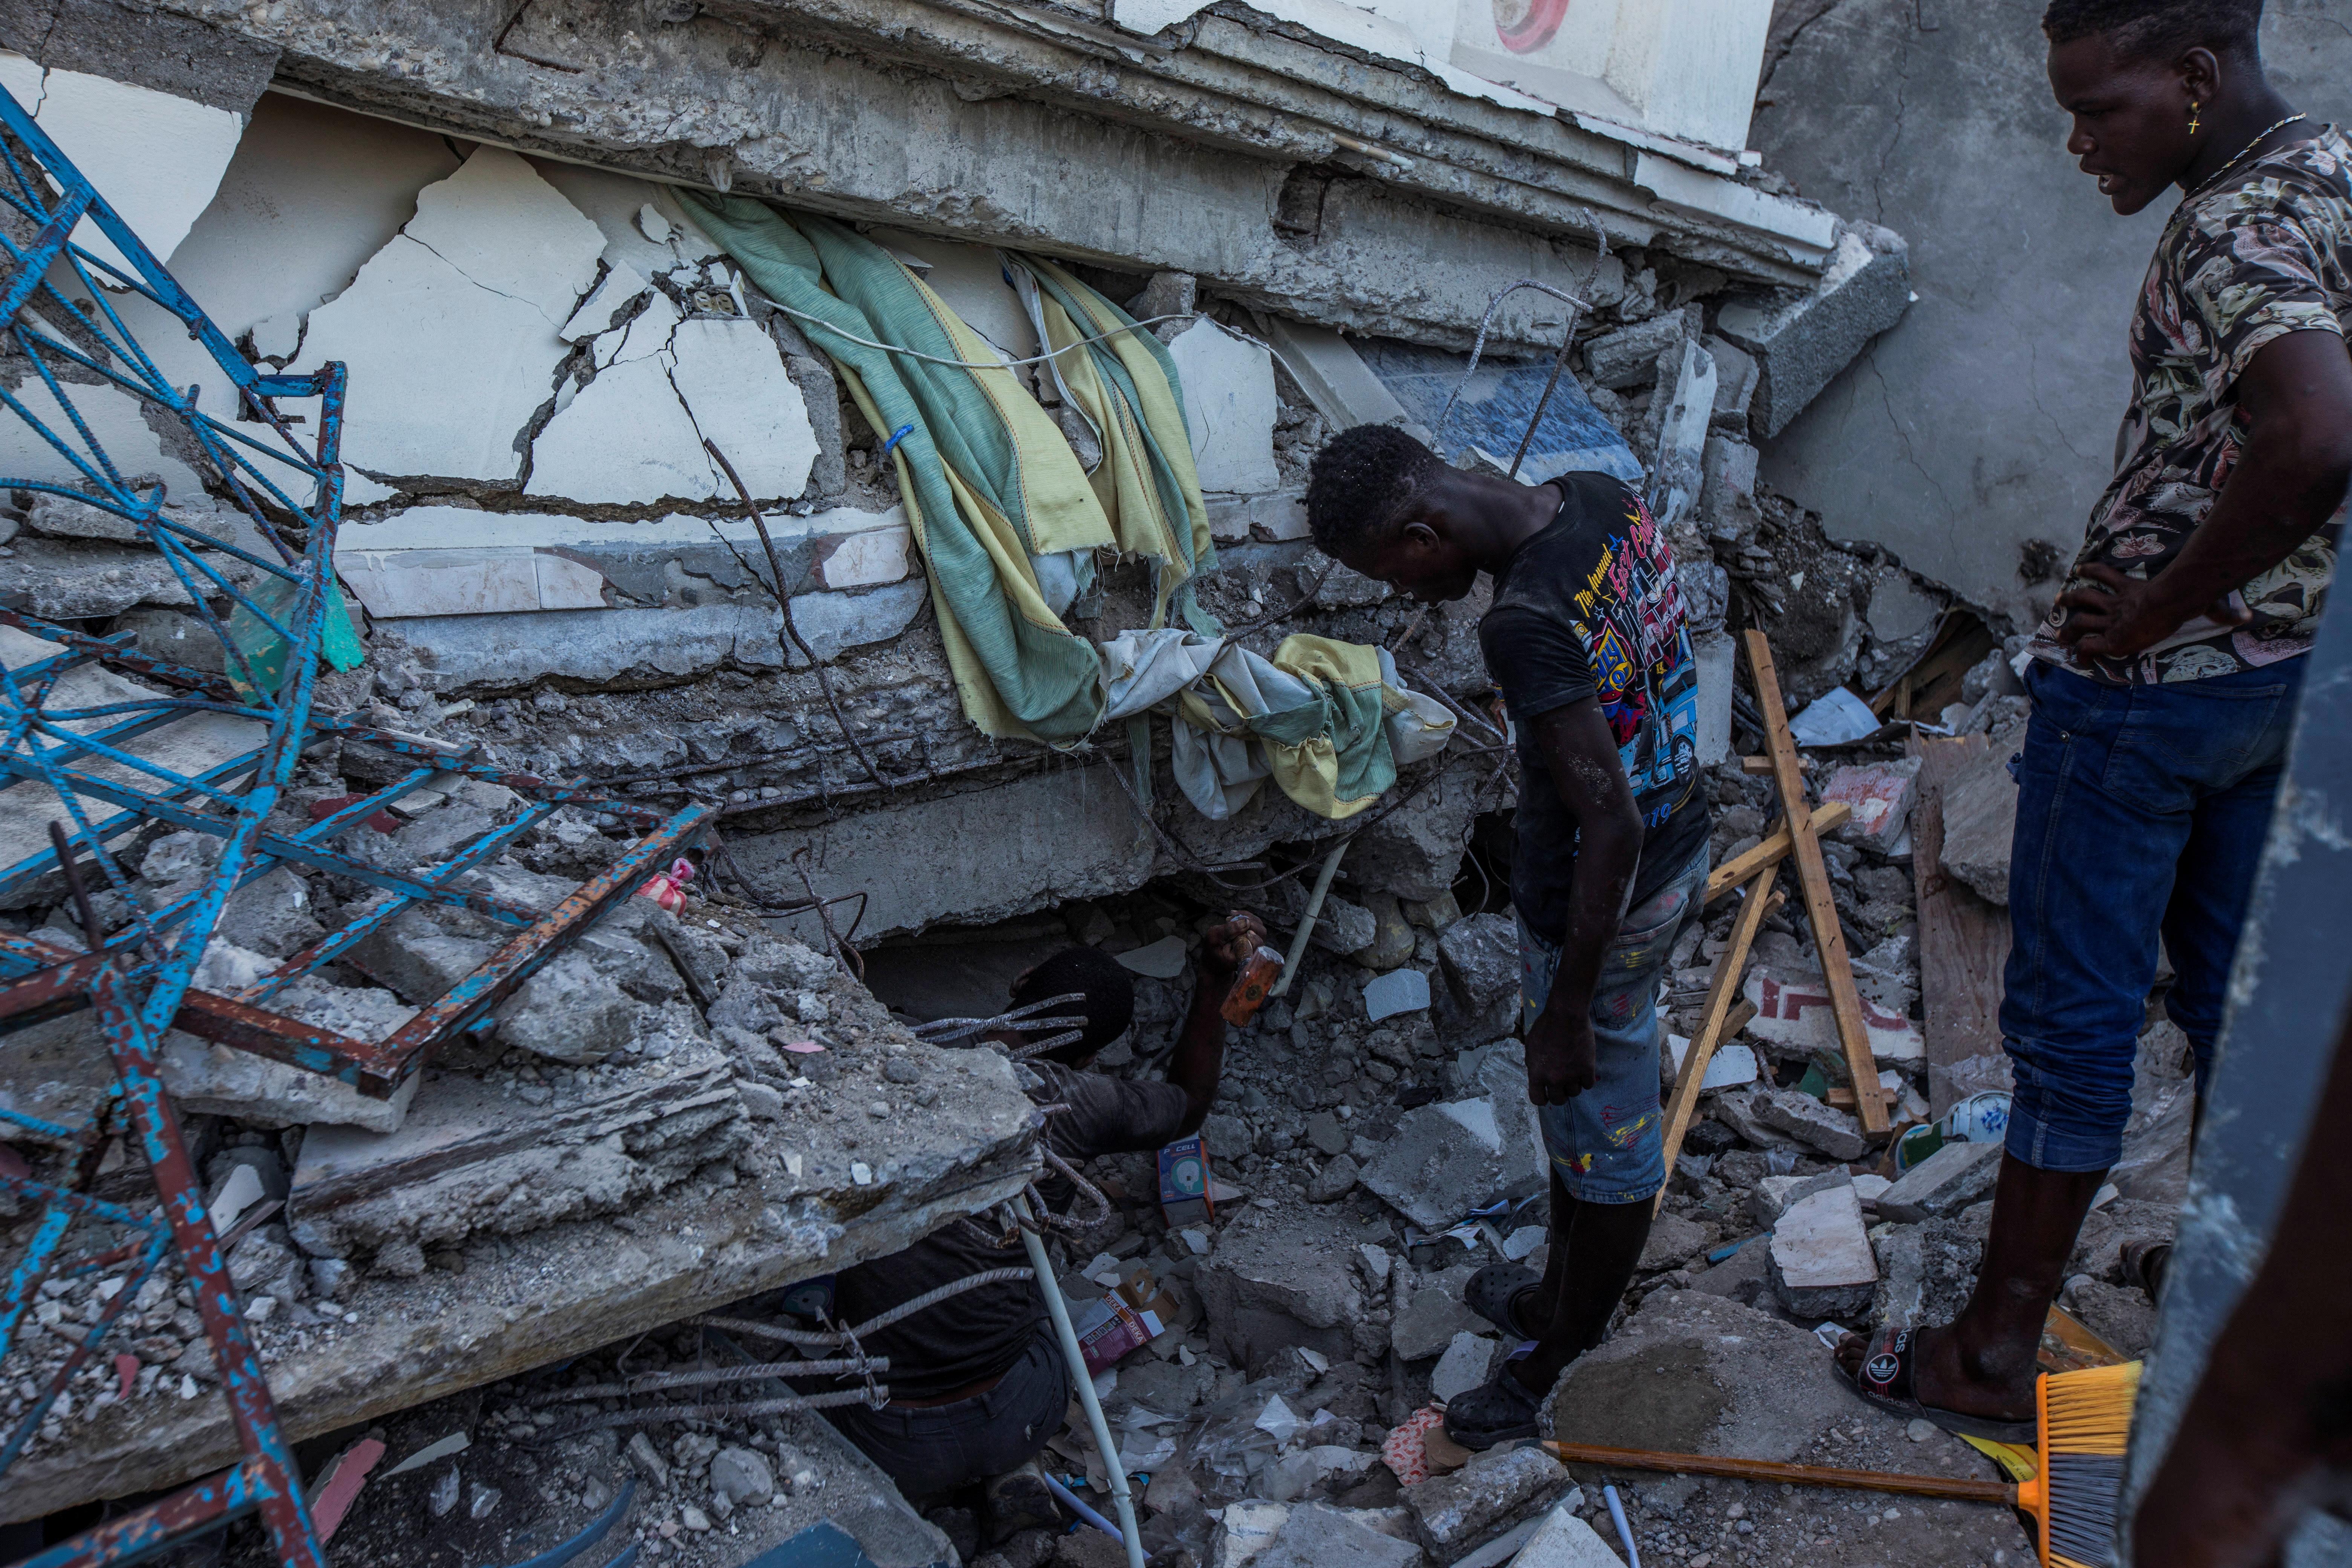 2021 08 15T041838Z 1422767618 RC2G5P9TEZQB RTRMADP 3 HAITI QUAKE Fundação AIS em Portugal lança campanha de ajuda ao Haiti